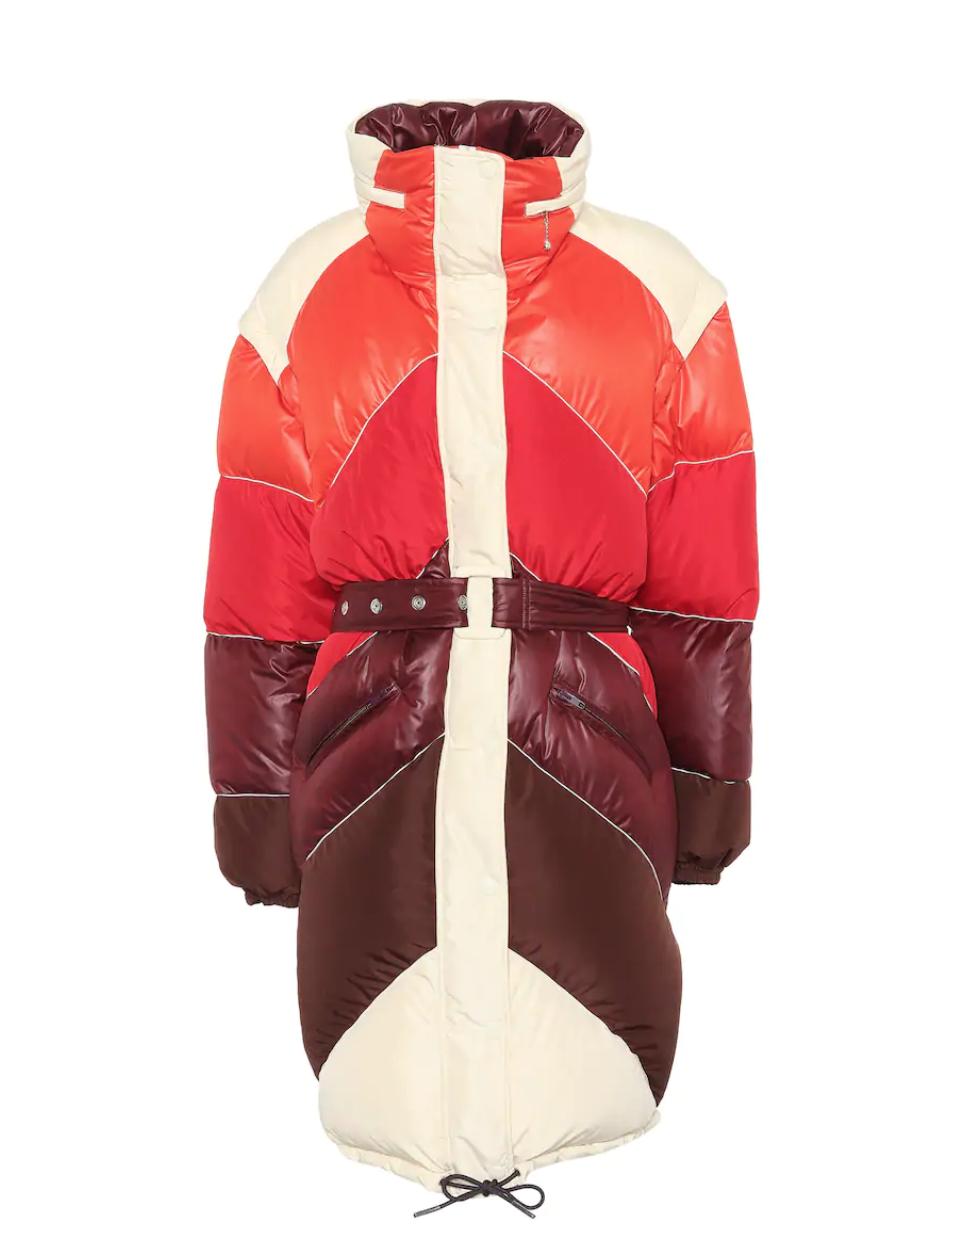 Golden Goose Deluxe BrandEbra Quilted Jacket - (1300€)